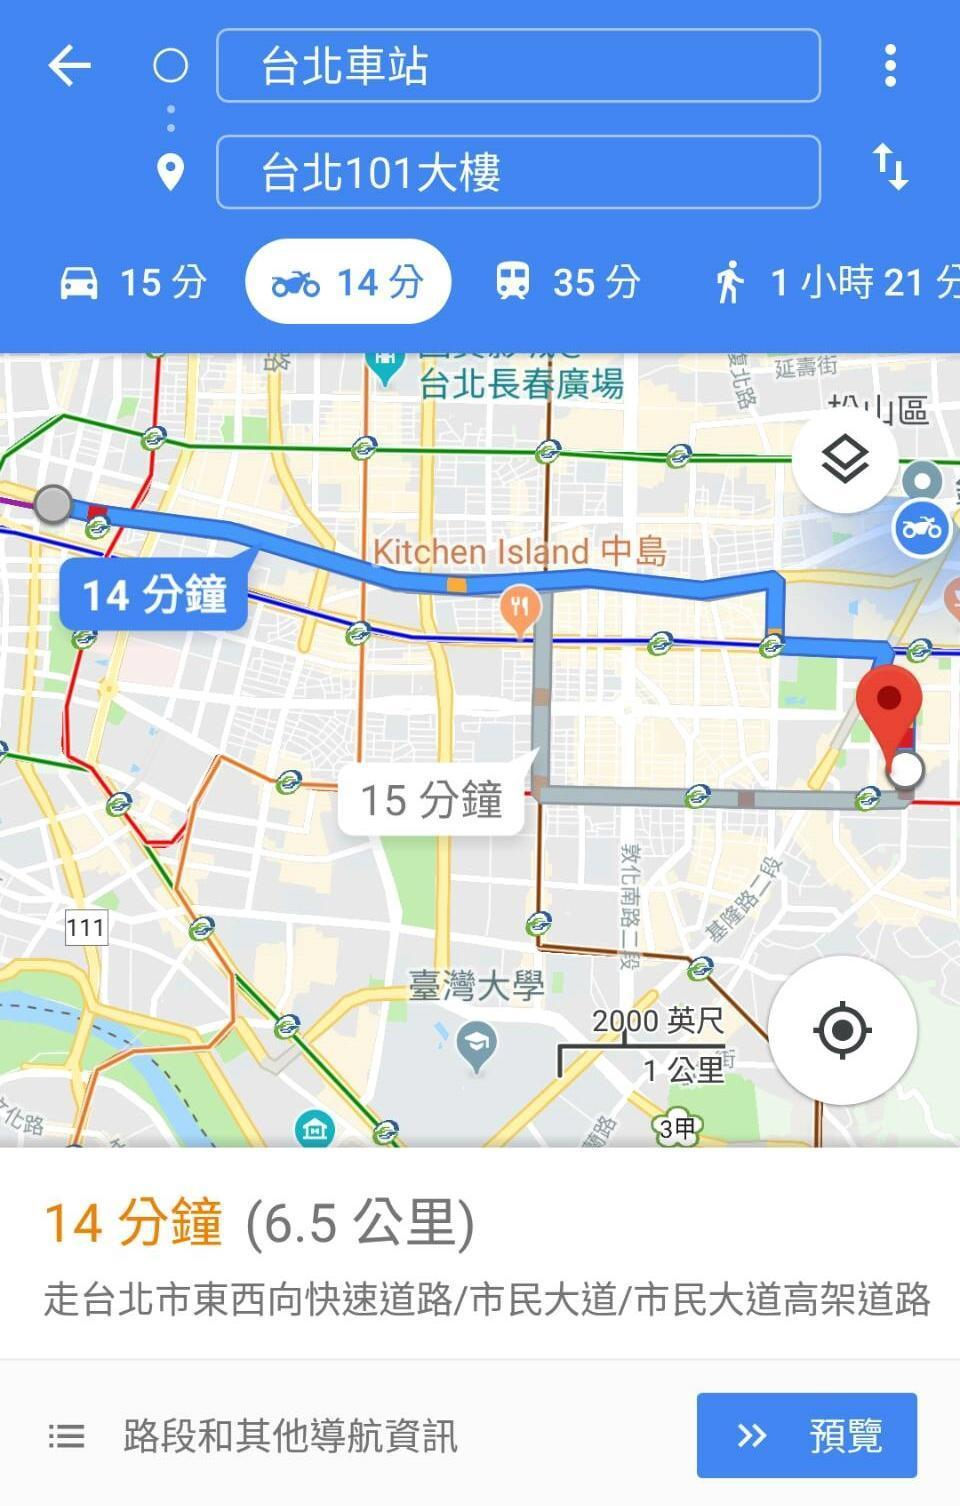 Google地圖機車模式導航實測,由北車出發至台北101,機車路段顯示黃色較汽車路段壅塞,但預估行駛時間還比汽車快。(手機截圖)